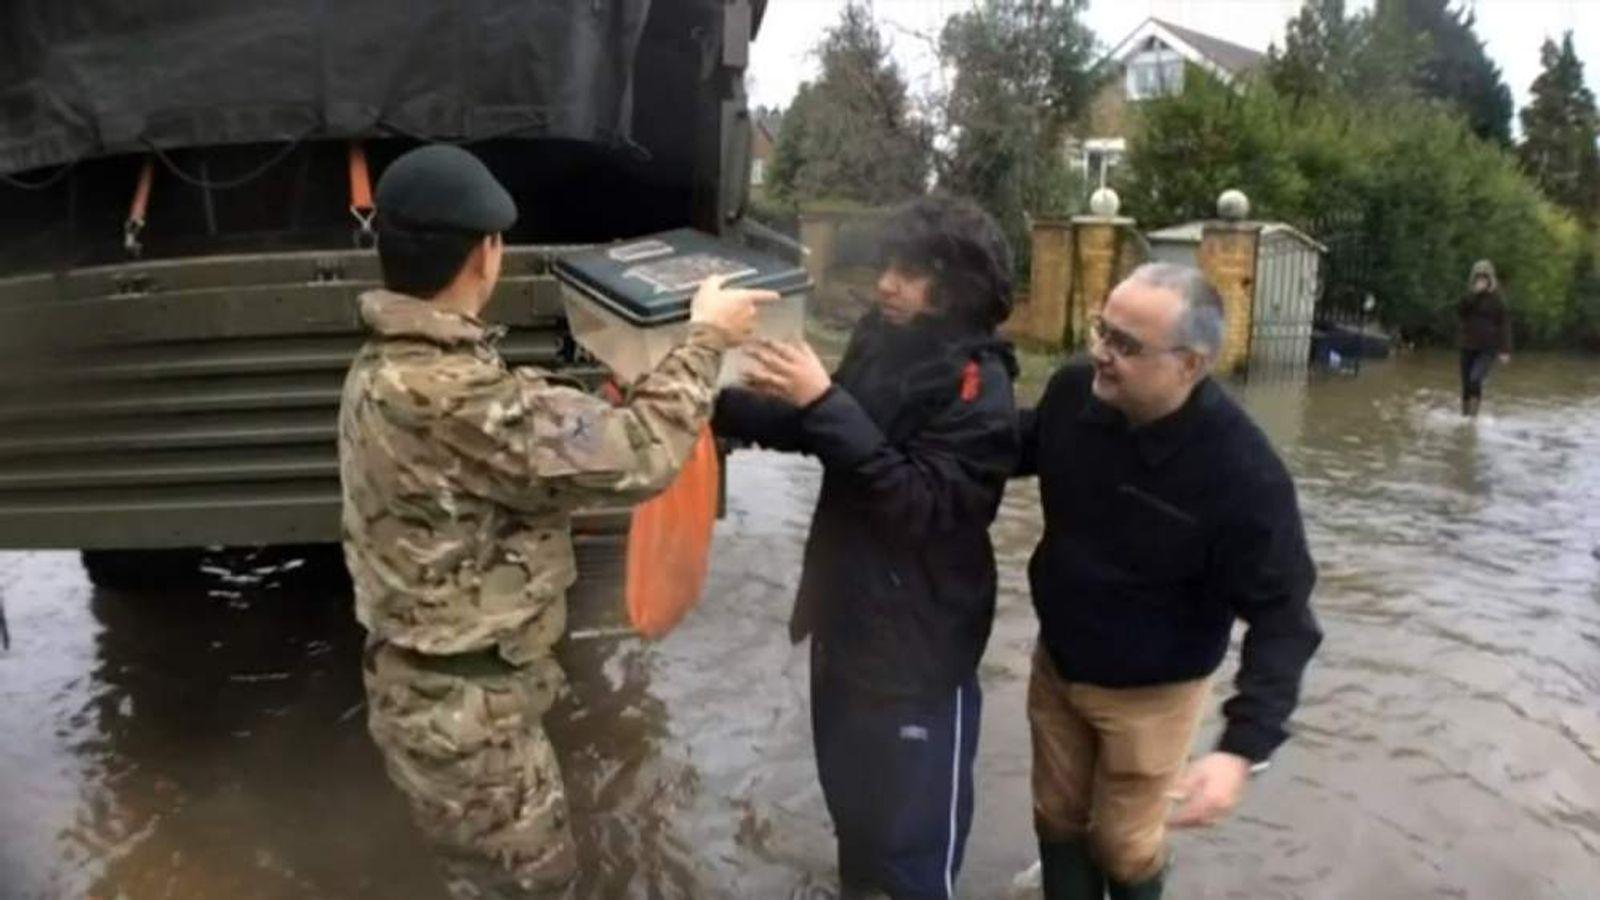 Chertsey Flooding